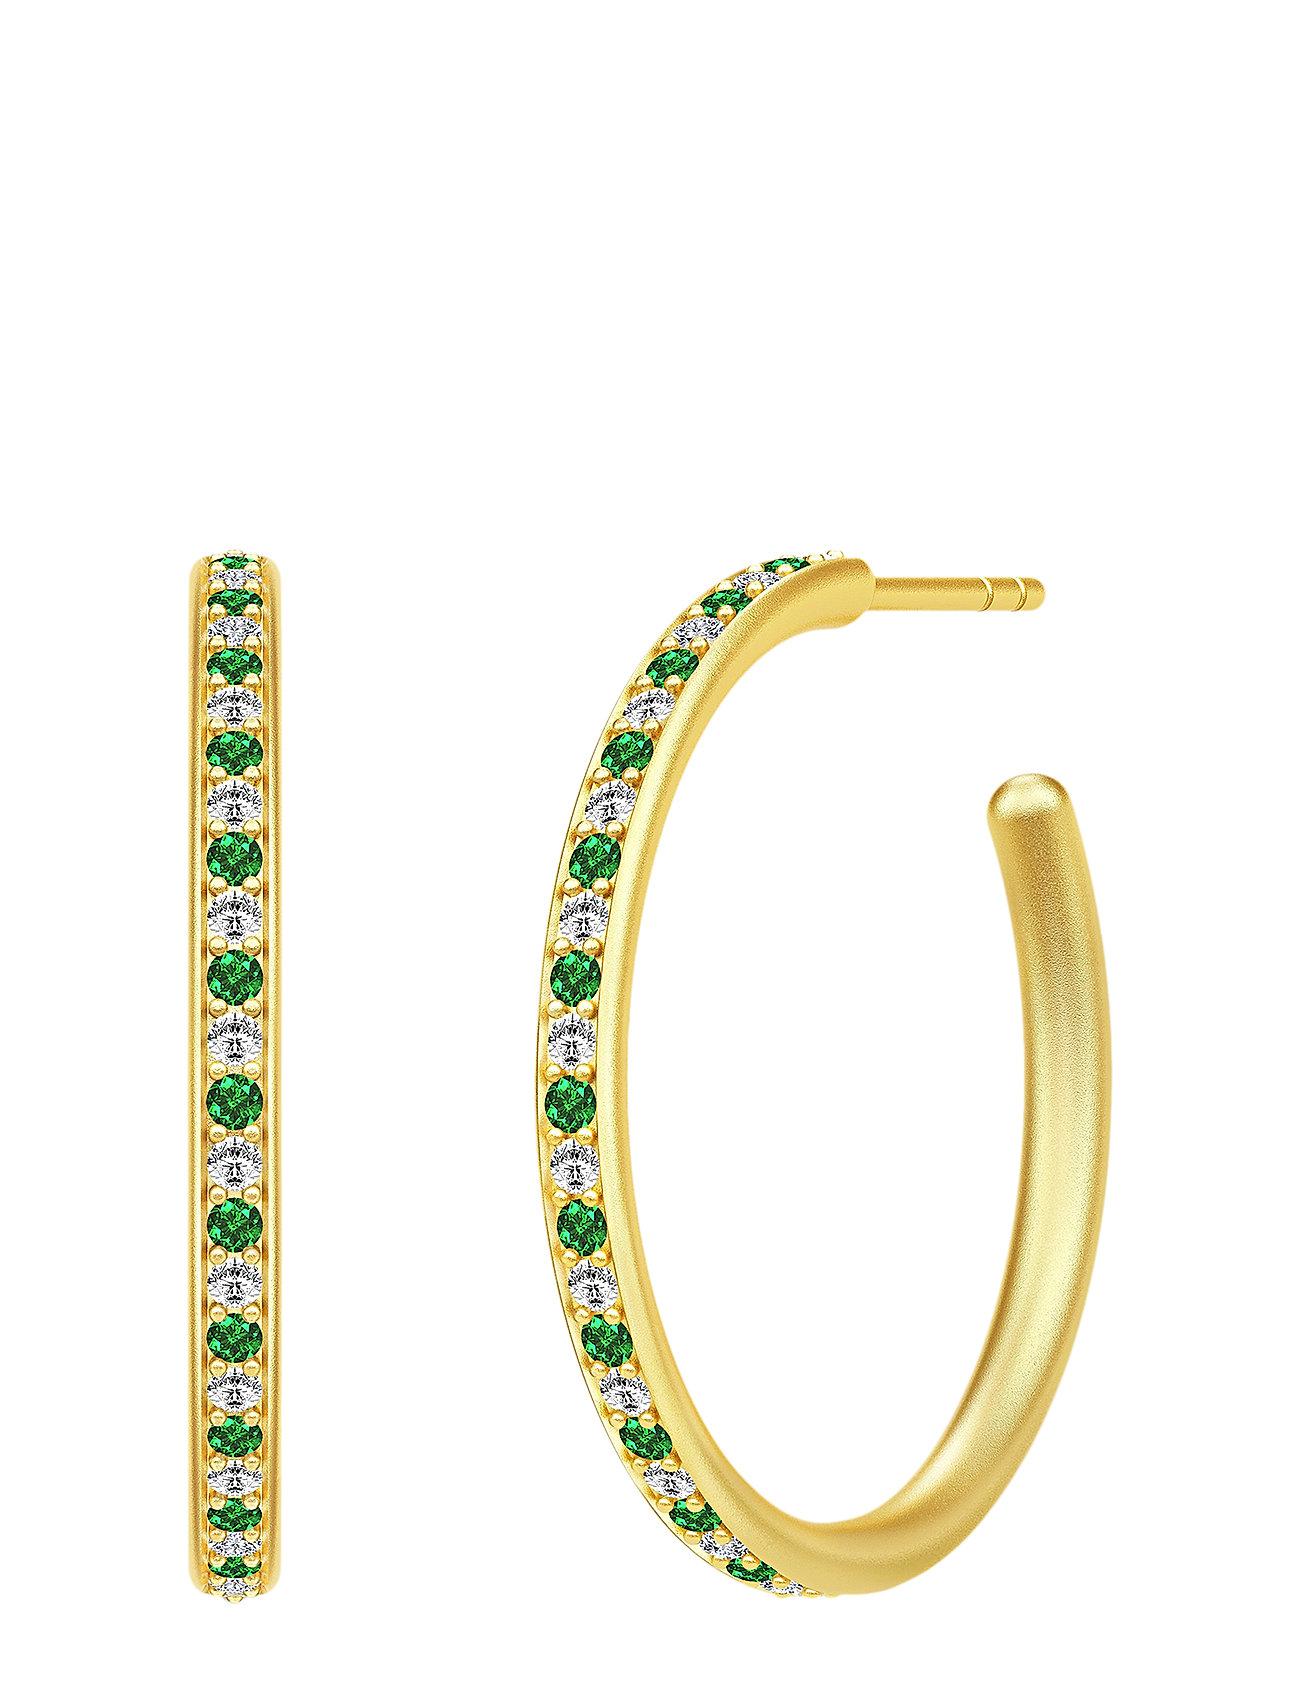 Image of Infinity Medium Hoops - Gold/Green Accessories Jewellery Earrings Hoops Guld Julie Sandlau (3286392049)